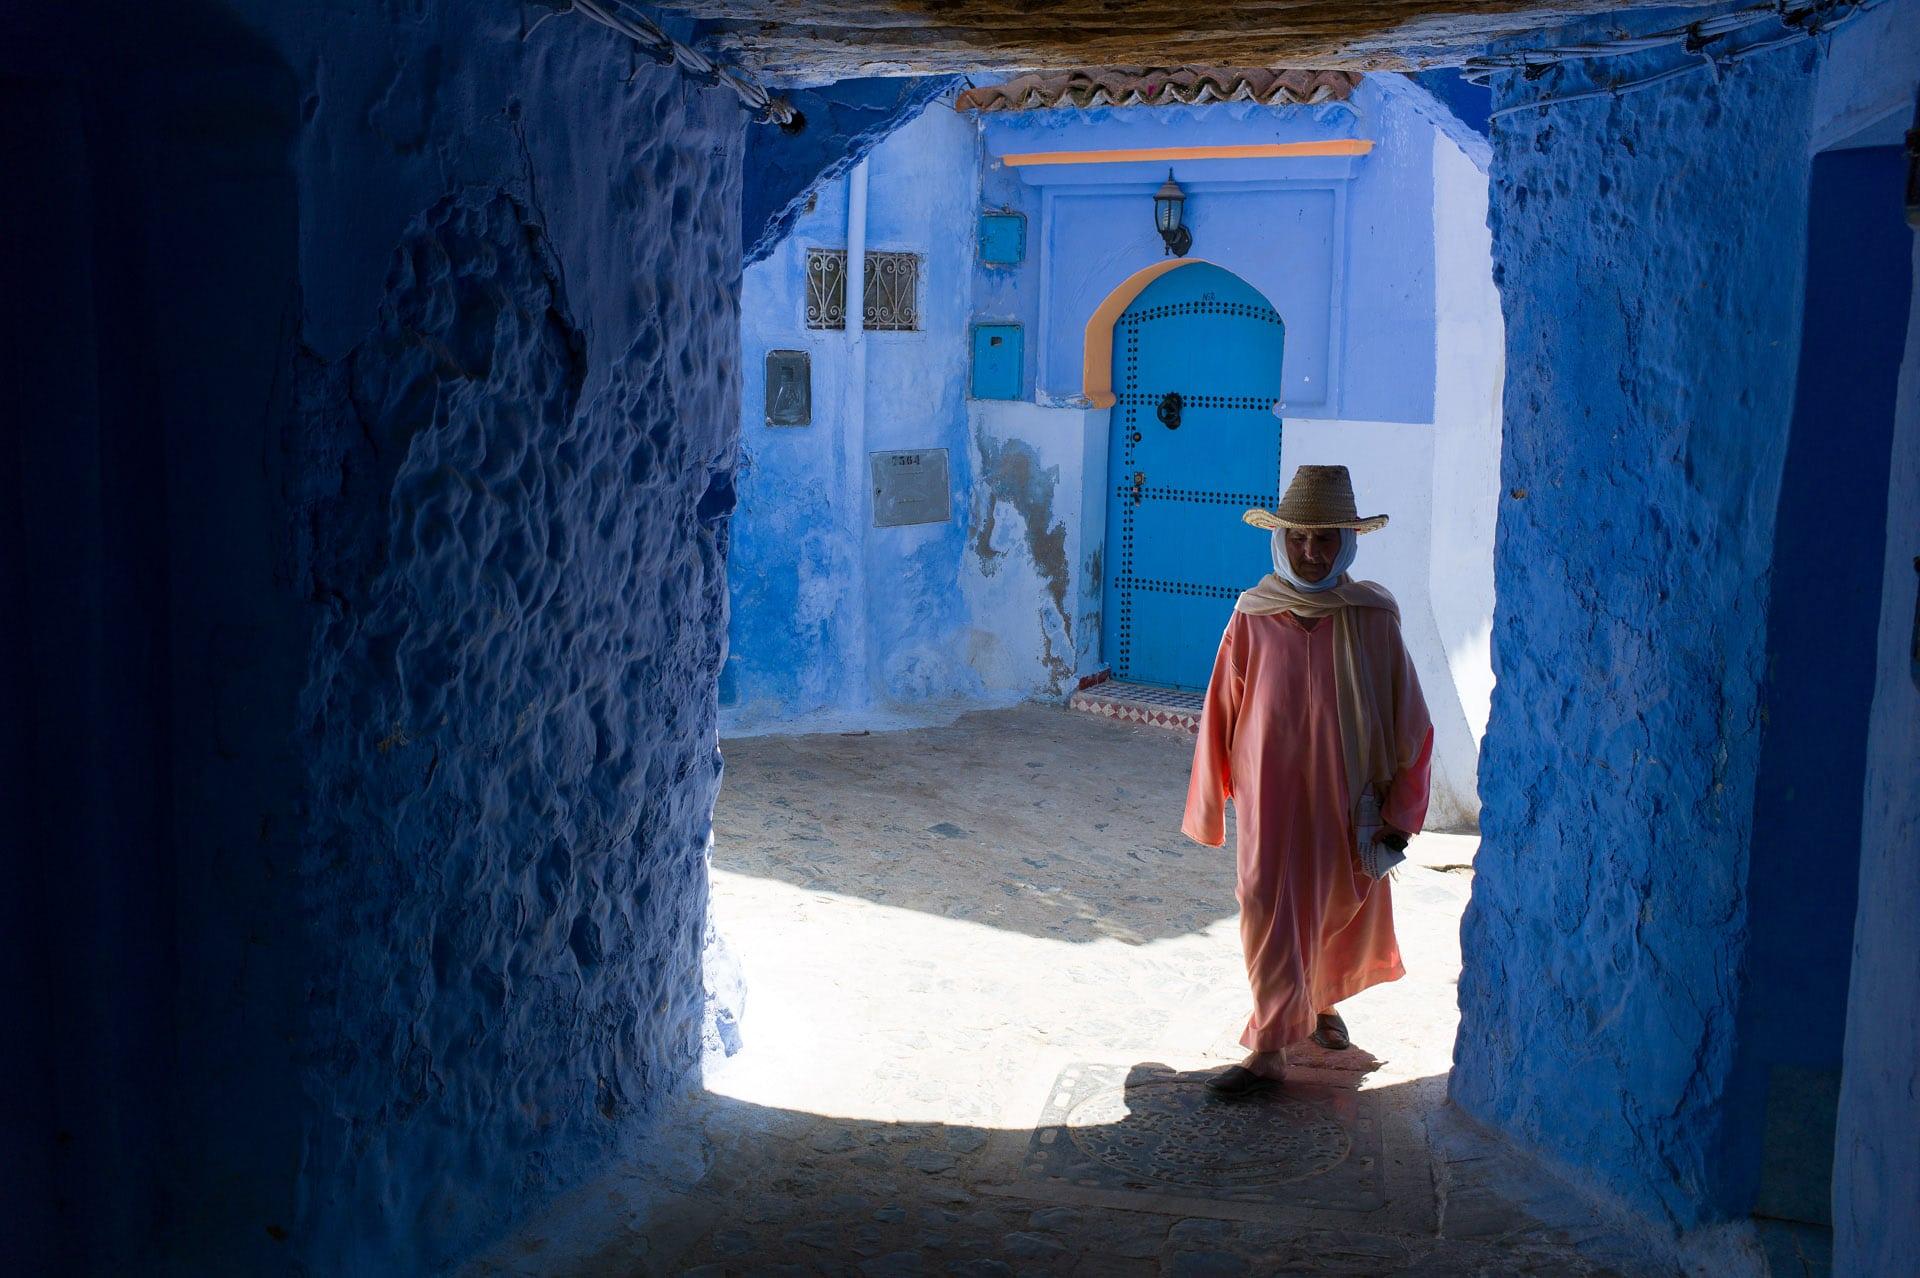 Nación Cannabis | Marruecos: entre los principales destinos de turismo de cannabis en el mundo